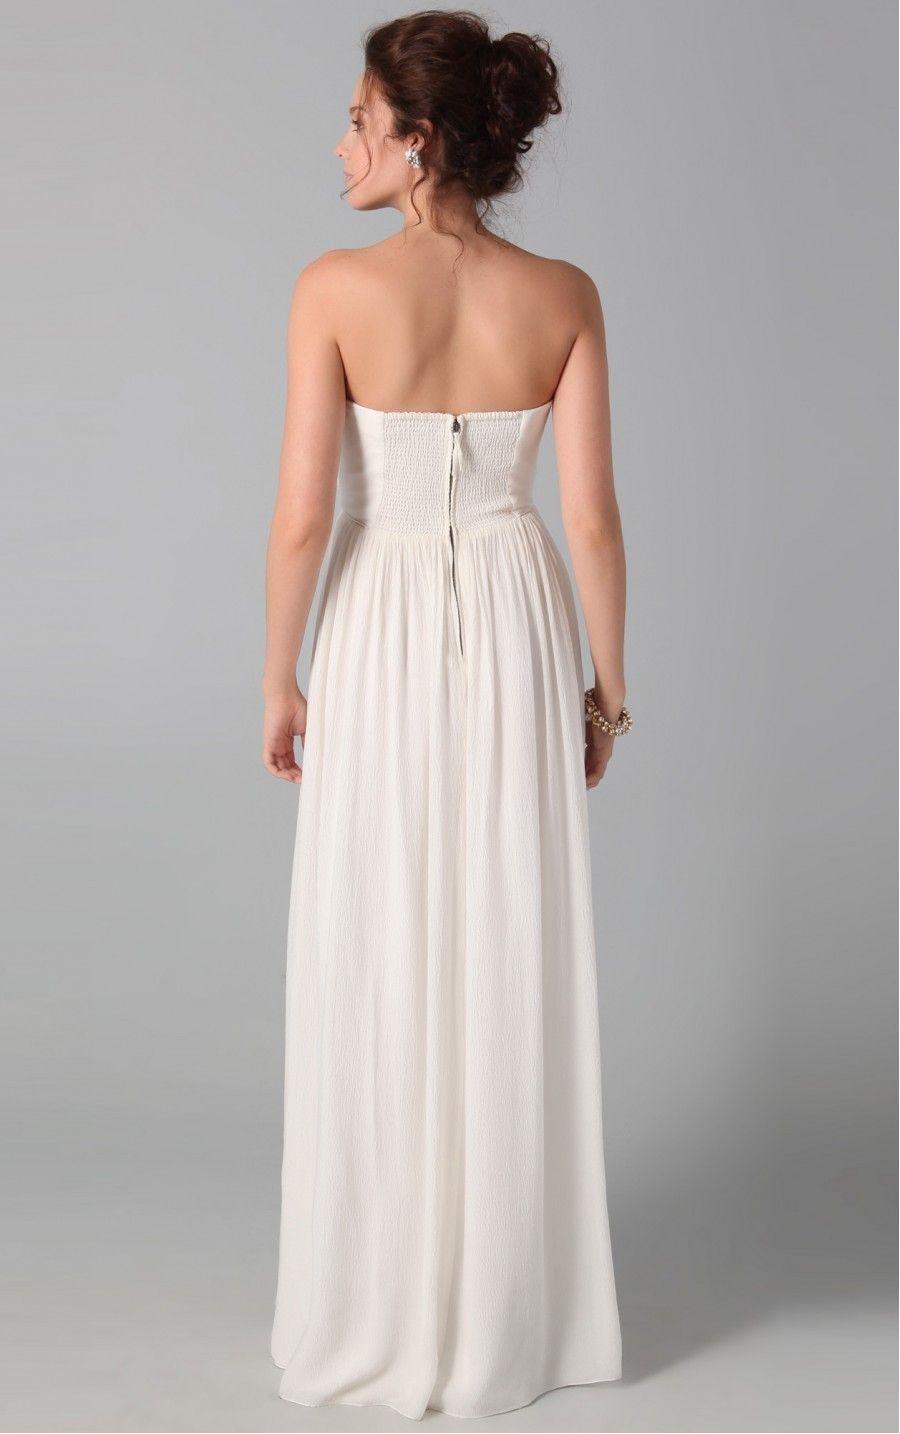 Amazing white sheath floorlength strapless dress bröllop gäst